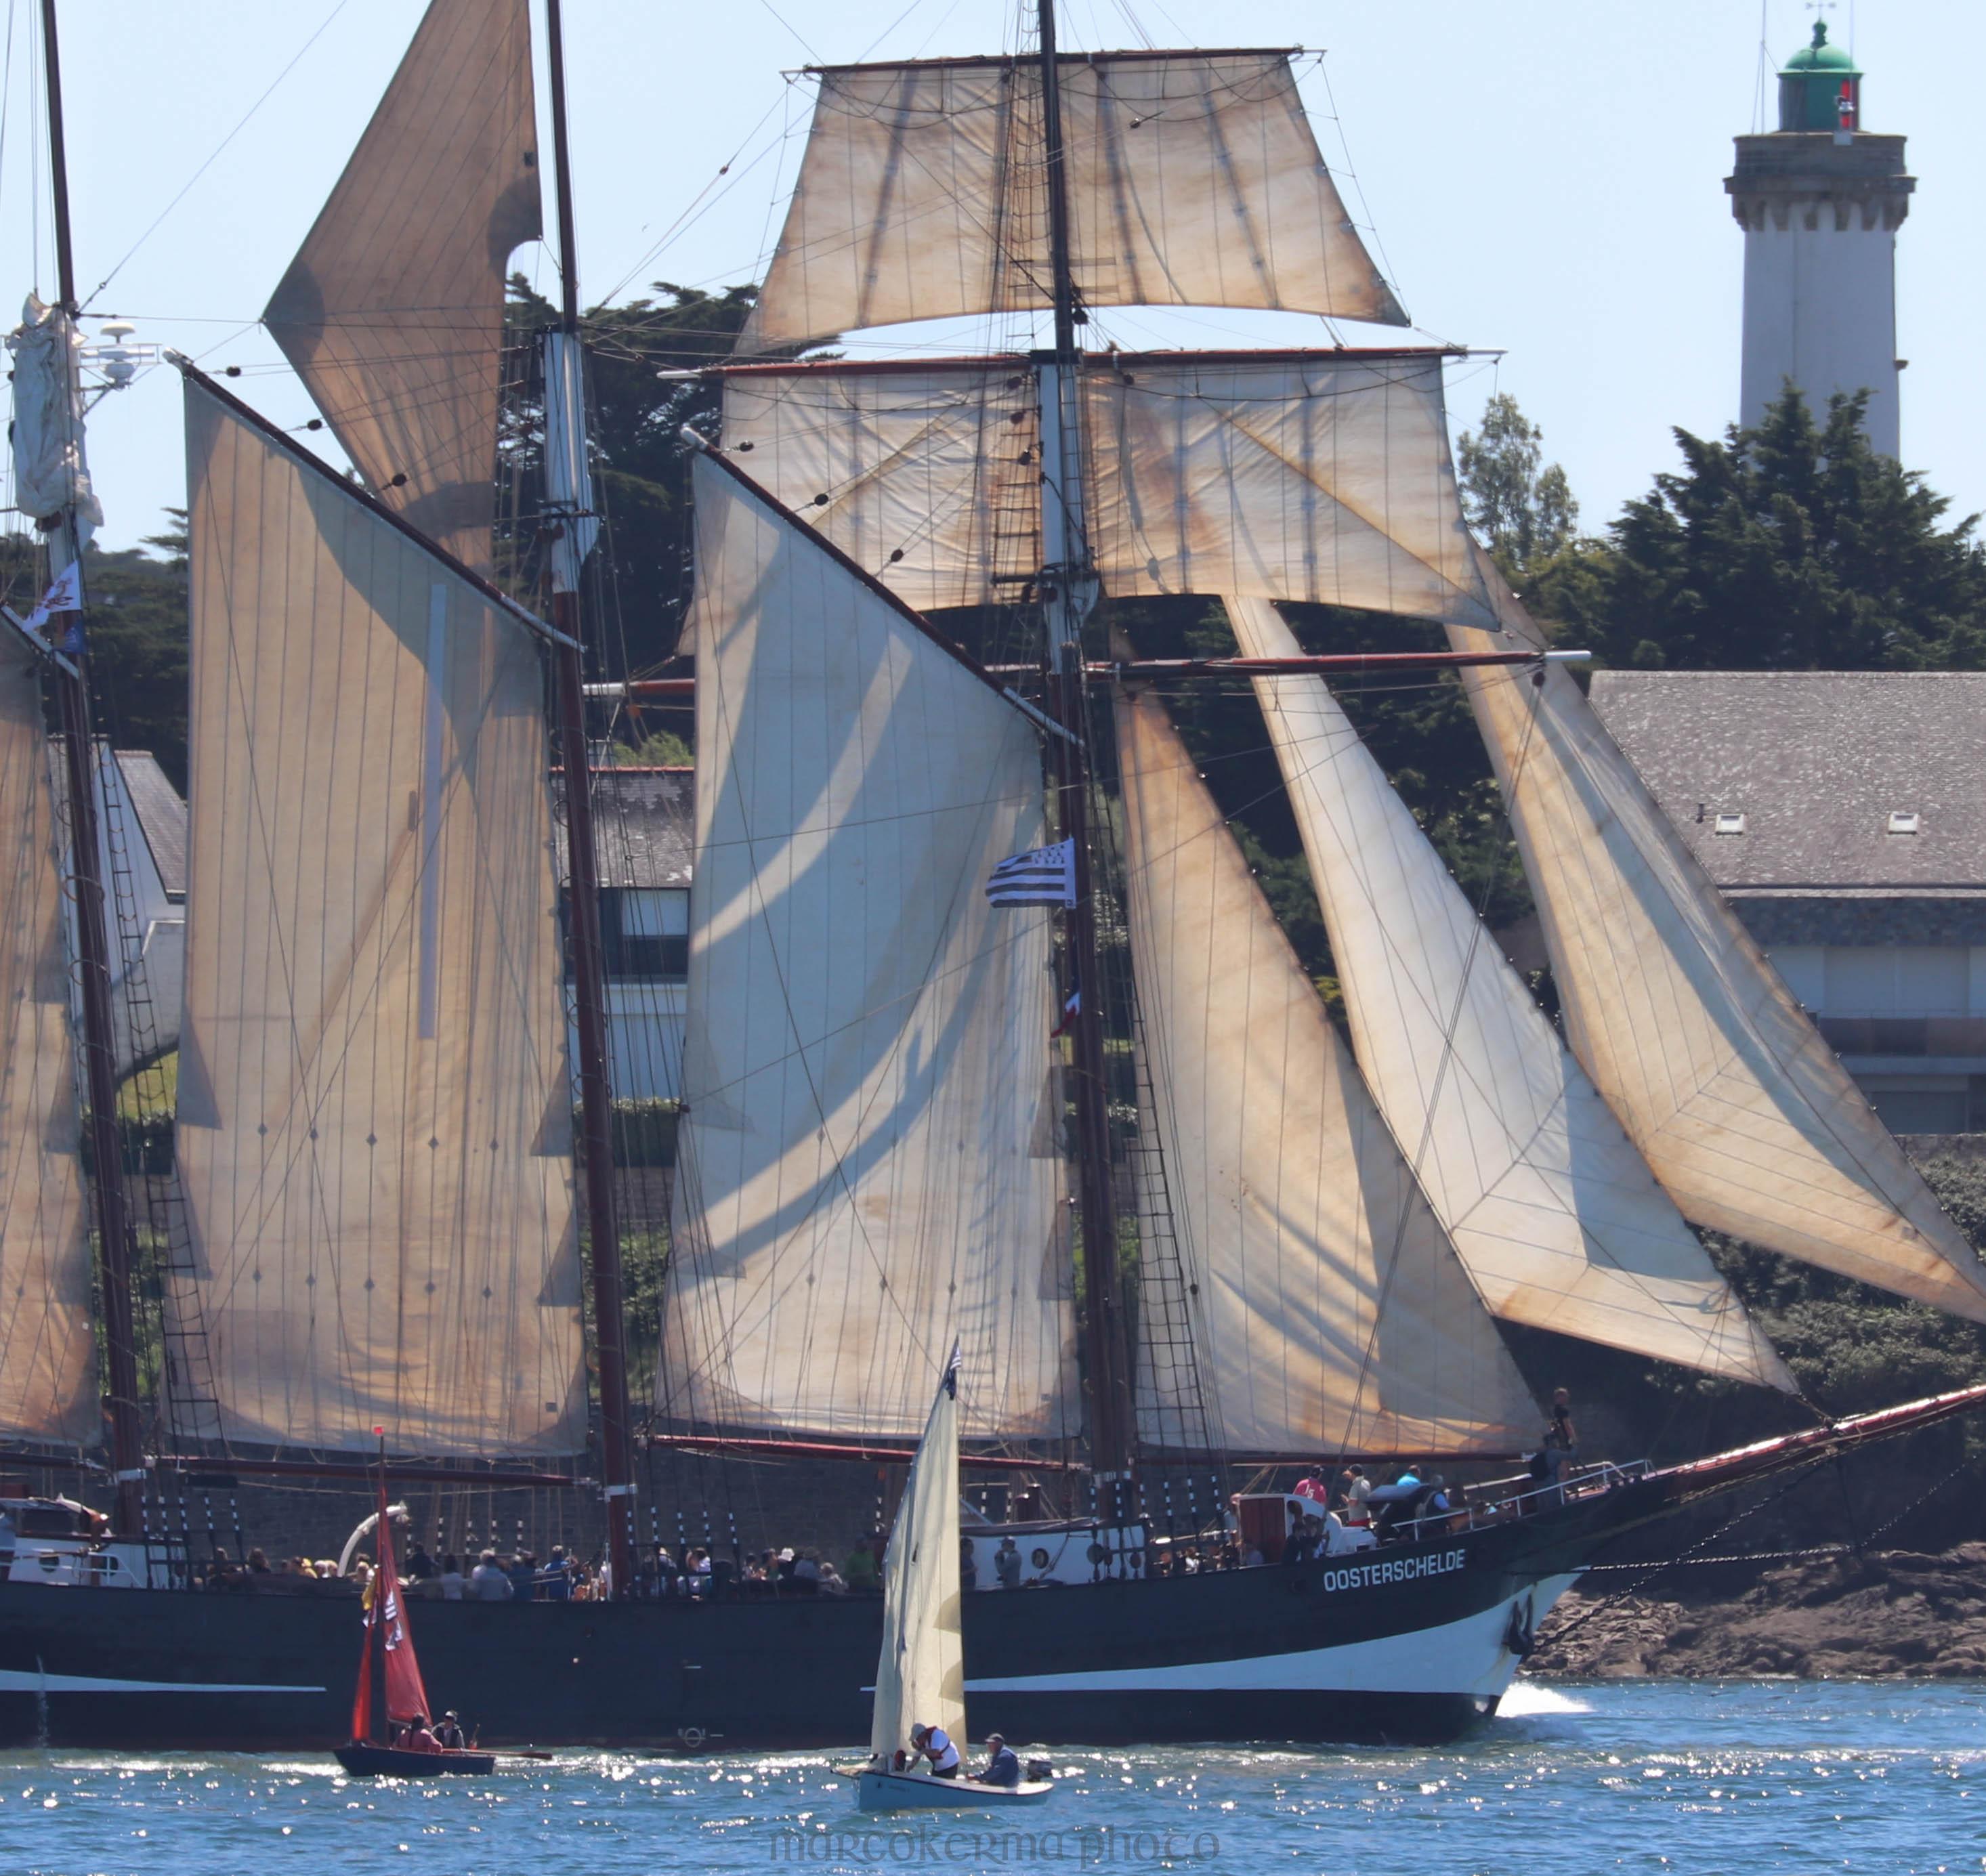 Oosterschelde , 31 mai 19, le phare, 13-08-11.jpg